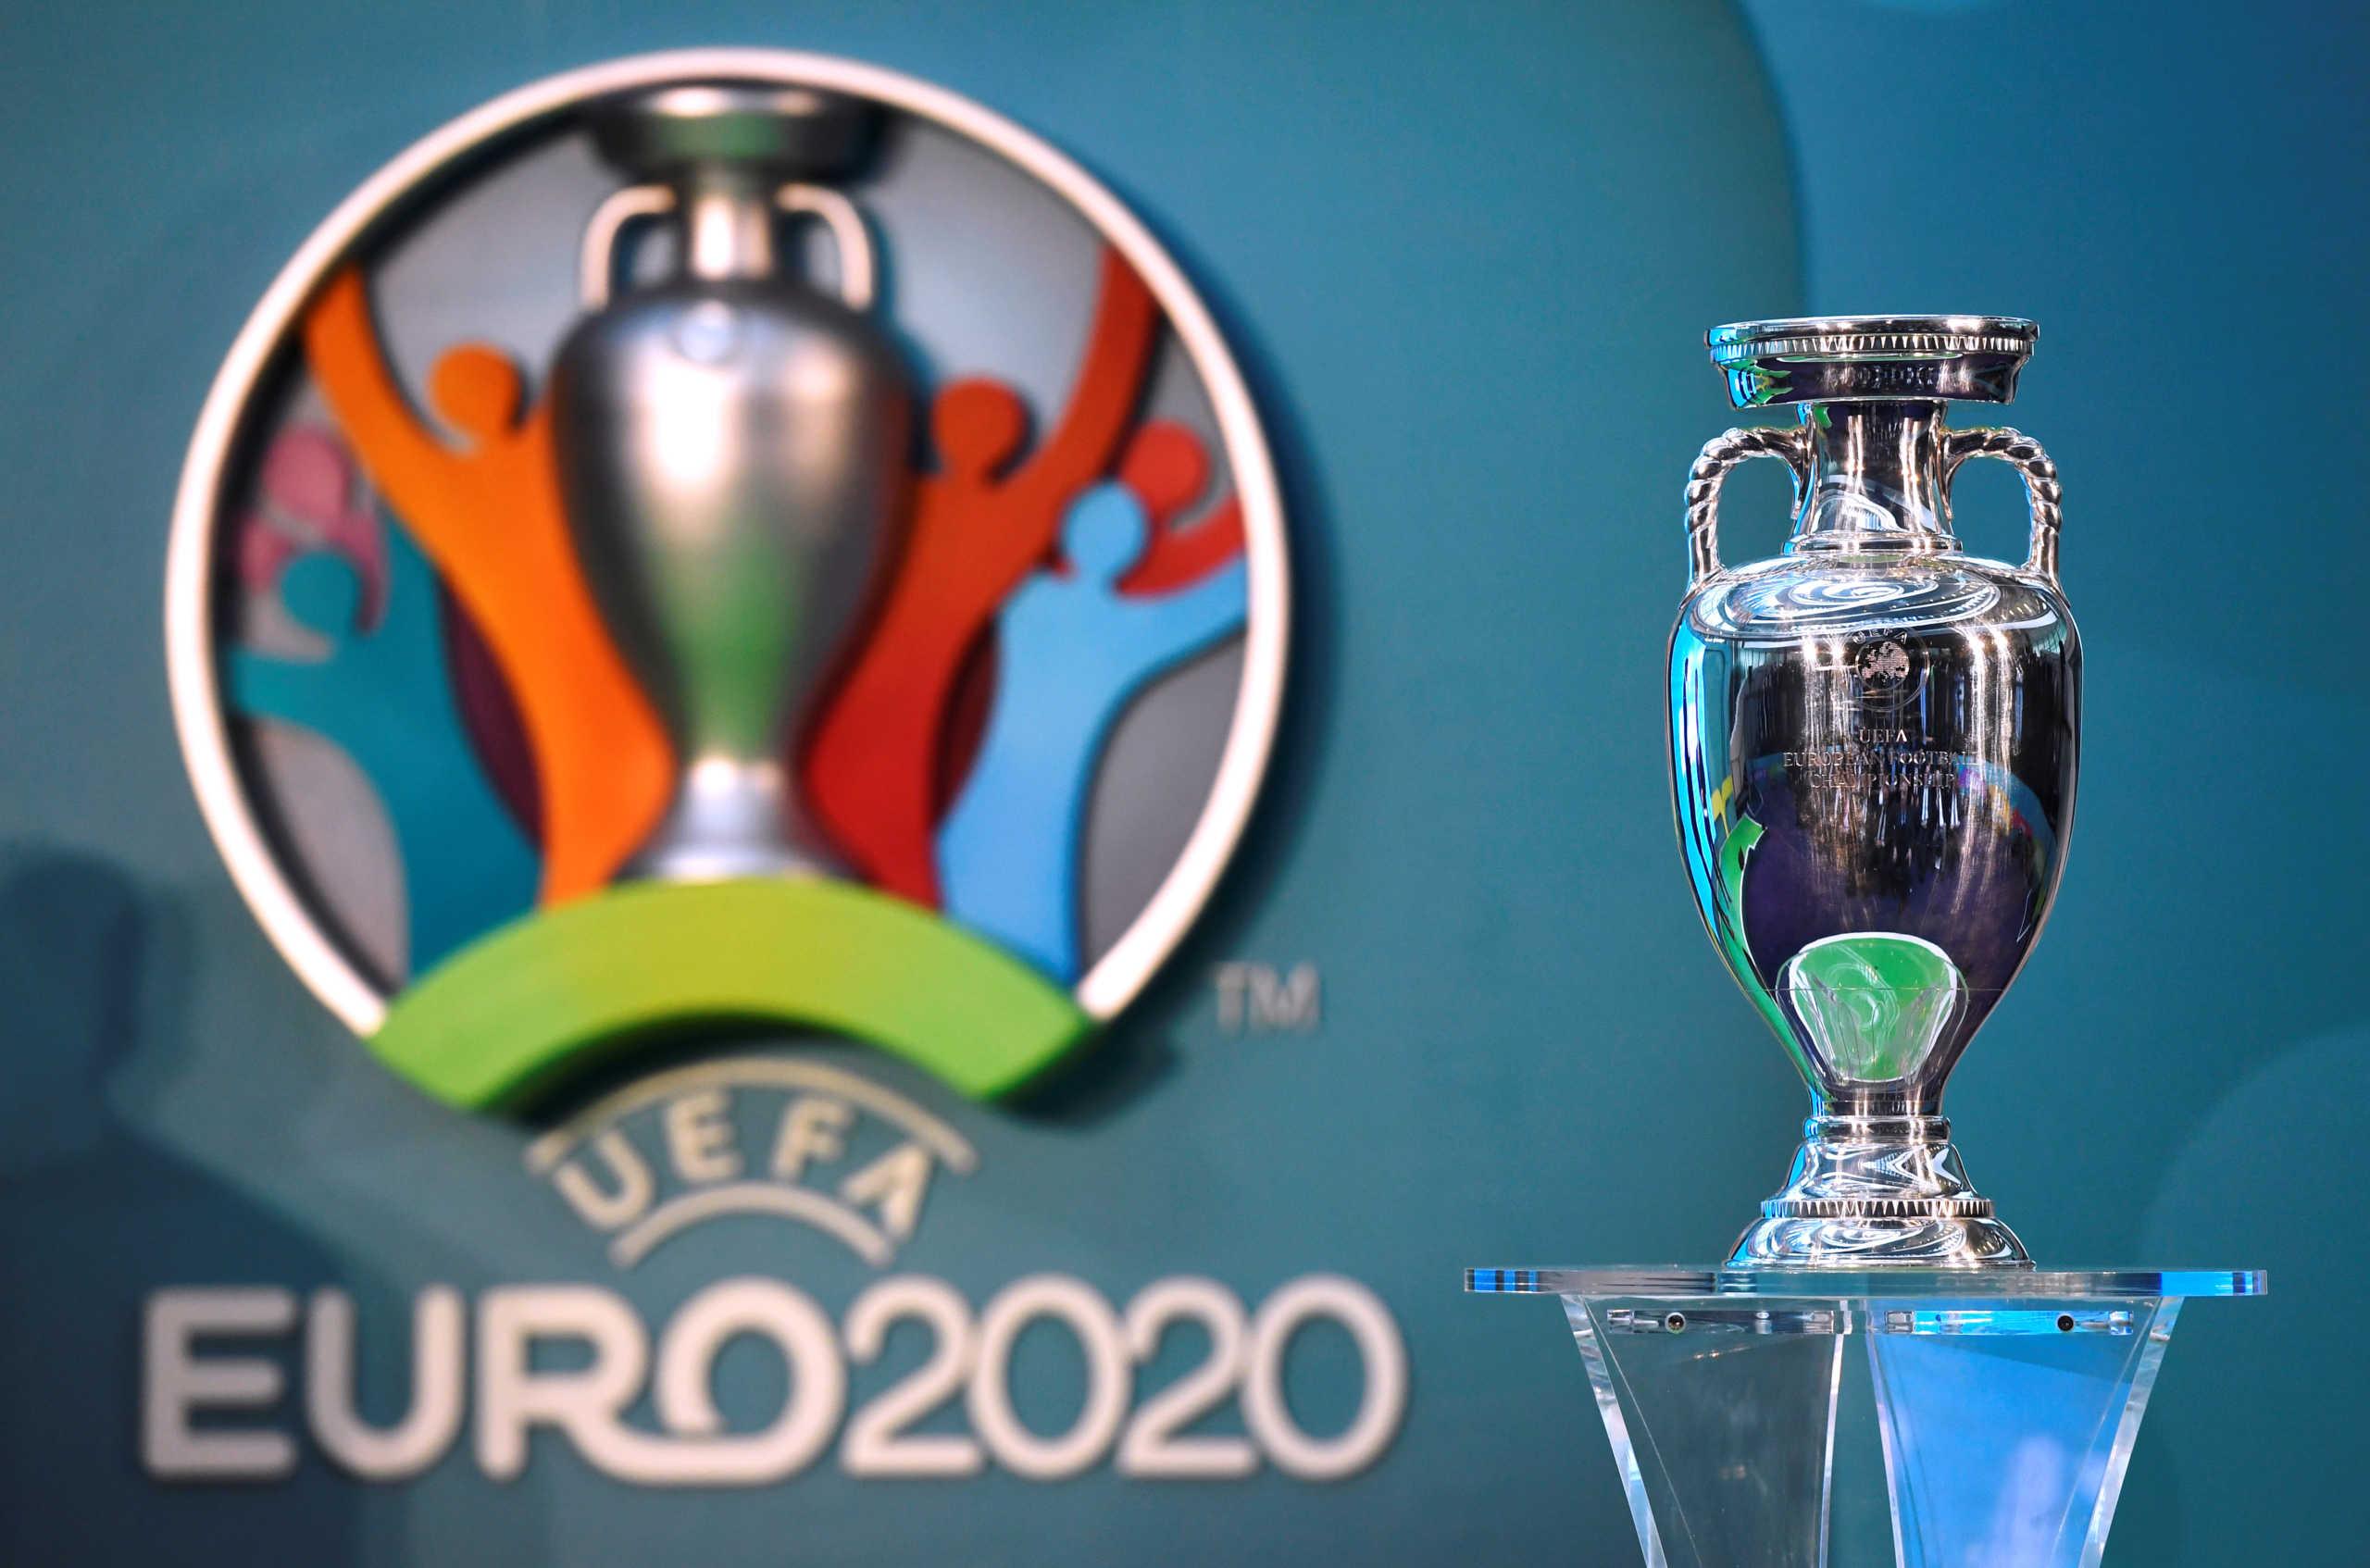 Επίσημο: Με οπαδούς το Euro 2020 σε 8 πόλεις